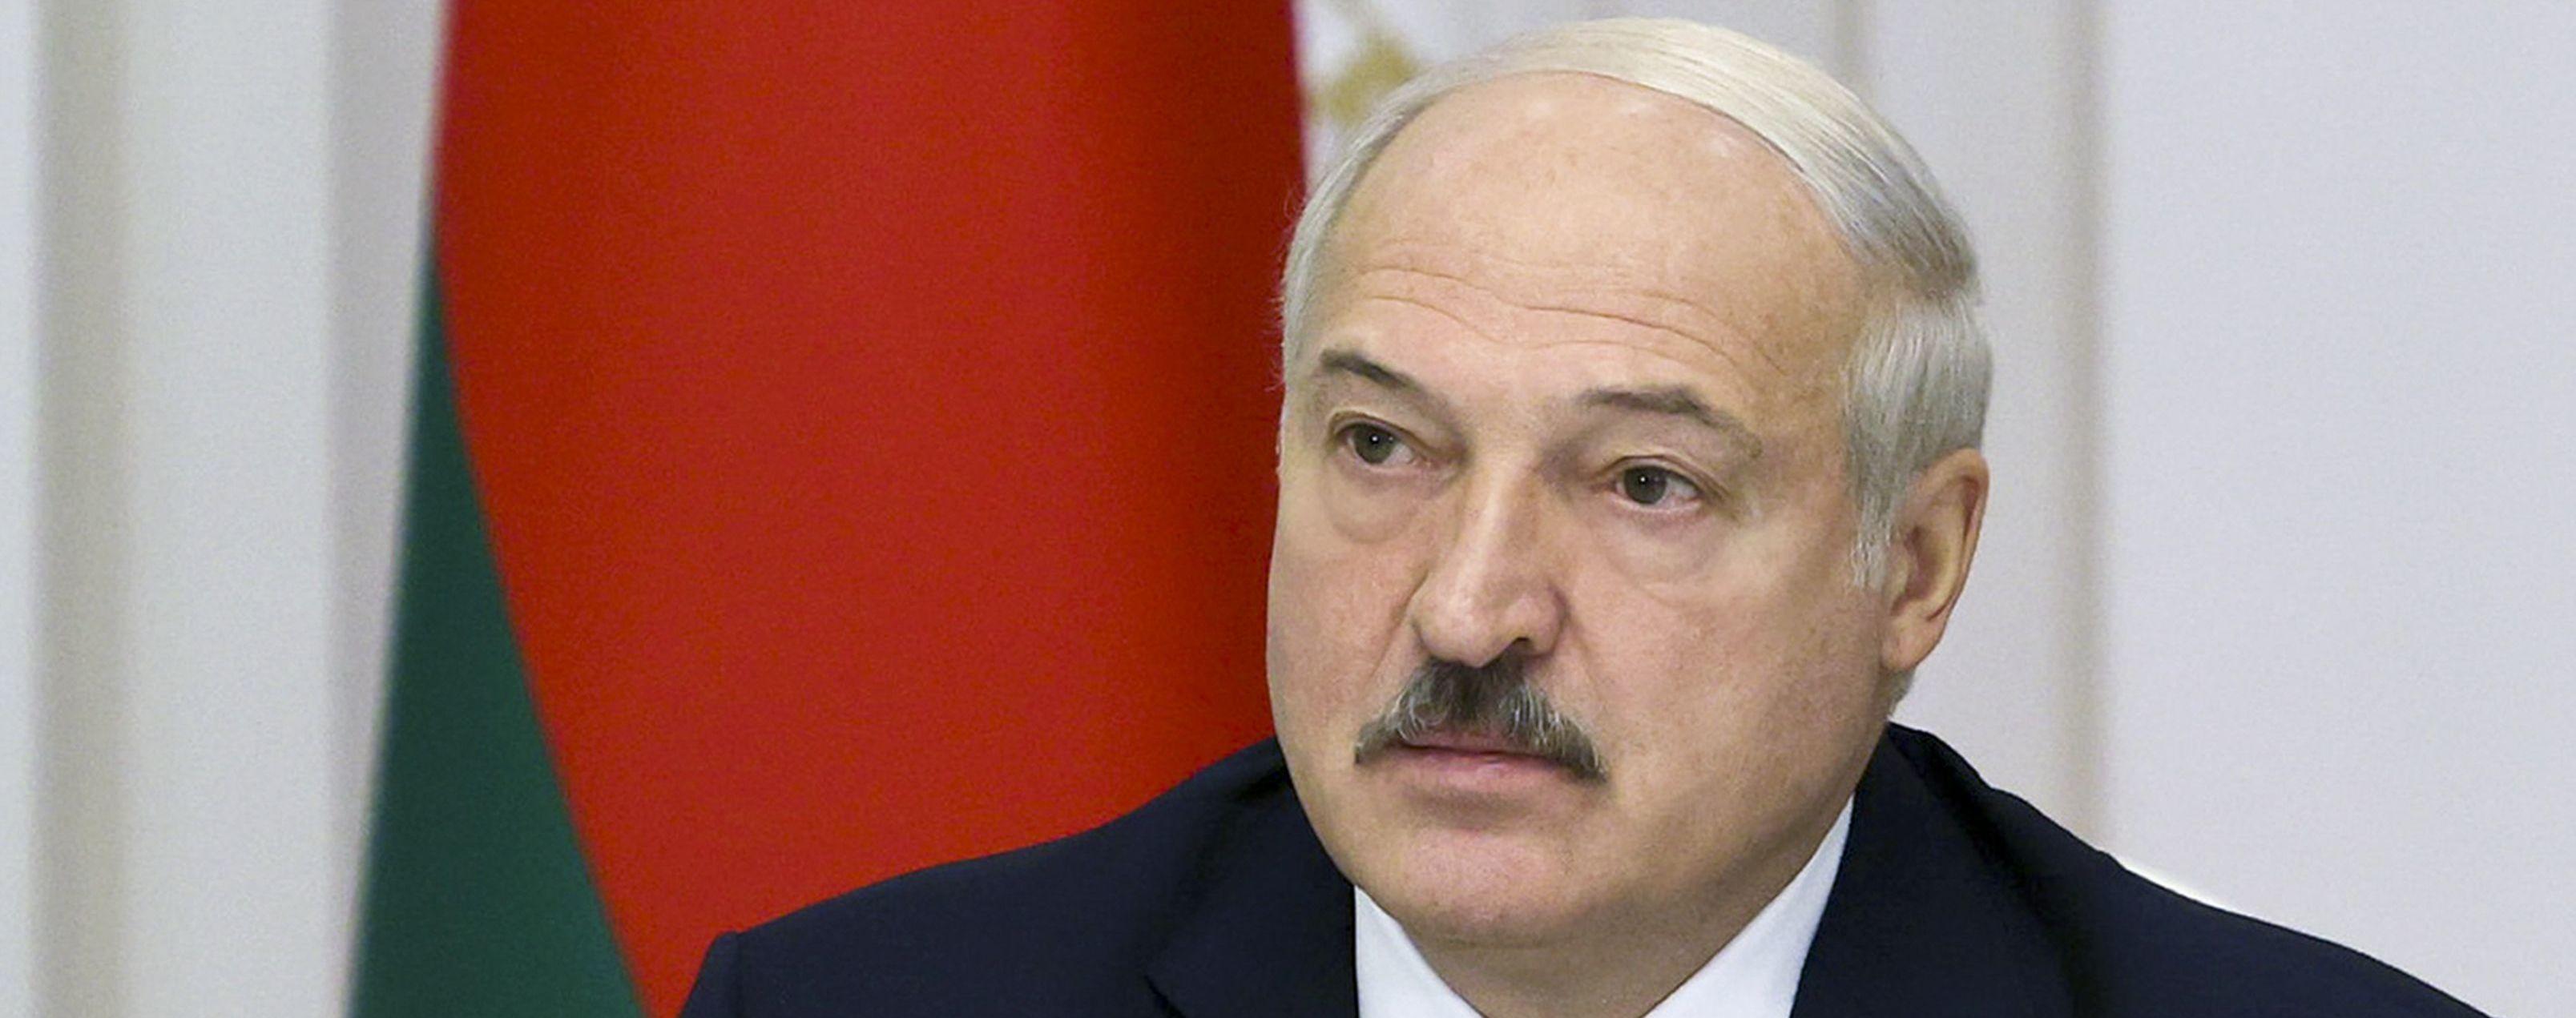 """""""Нічого не знаємо"""": у Швейцарії заперечили закиди Лукашенка про те, що вони першими дізналися про """"мінування"""" Ryanair"""